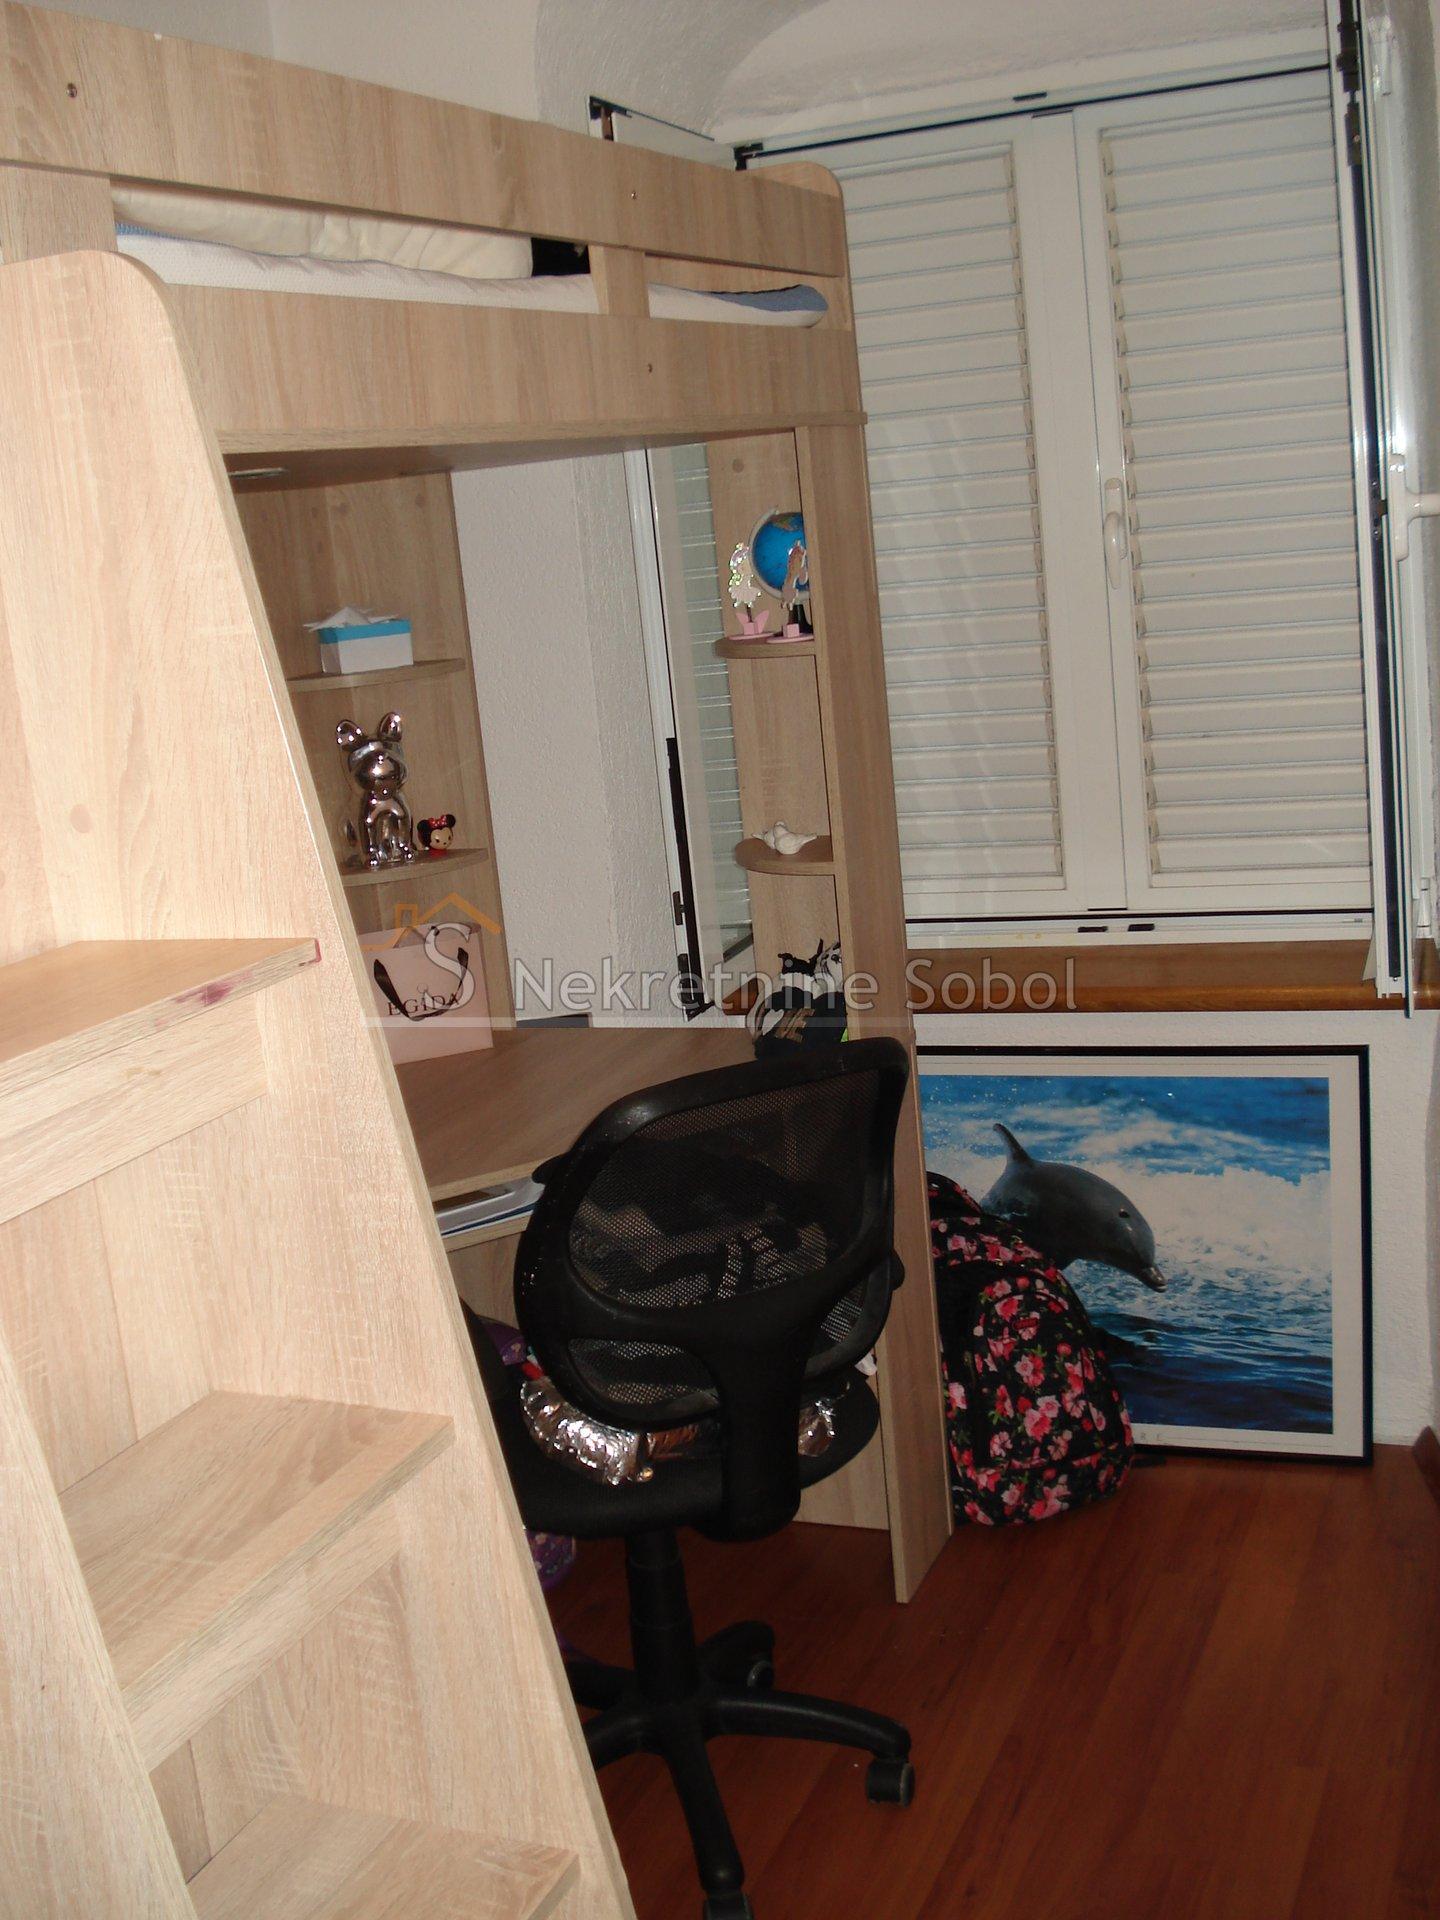 3 rooms, Apartment, 69m²